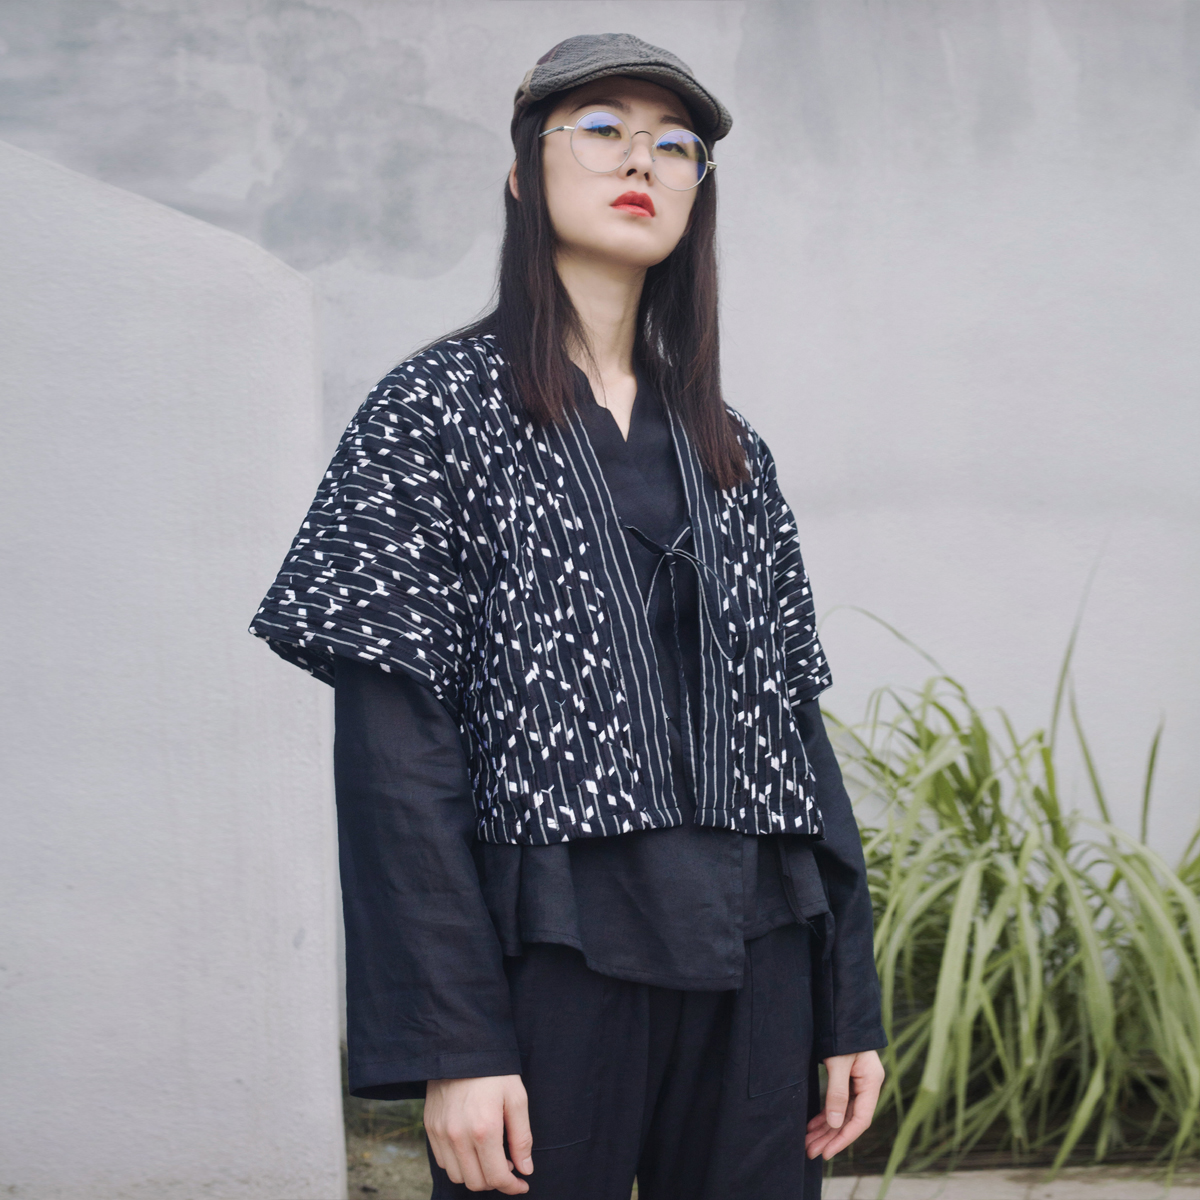 原创开衫女复古宽松防晒开襟系带汉服设计短款夹克中袖小外套潮